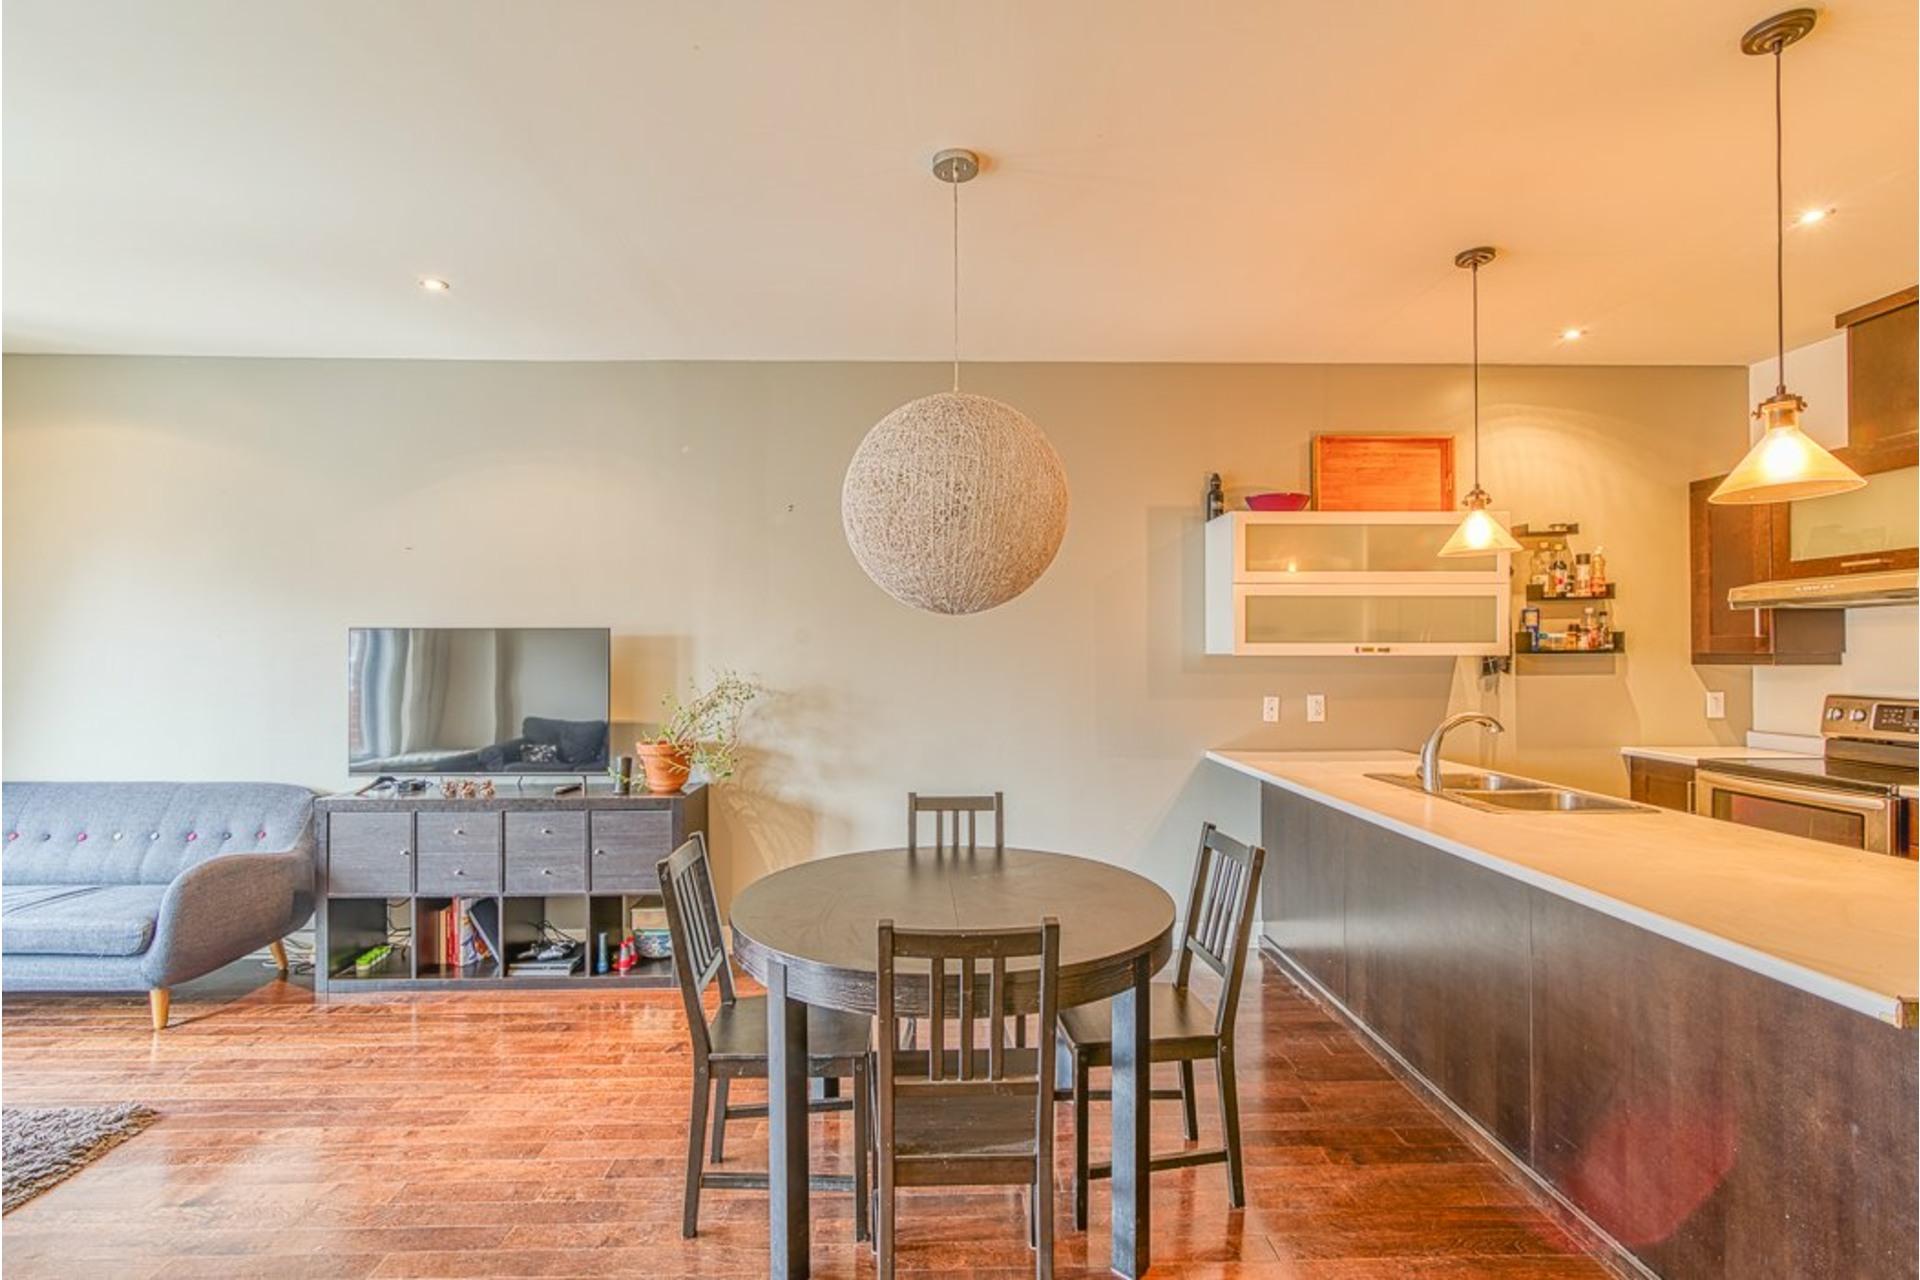 image 6 - Appartement À vendre Villeray/Saint-Michel/Parc-Extension Montréal  - 6 pièces